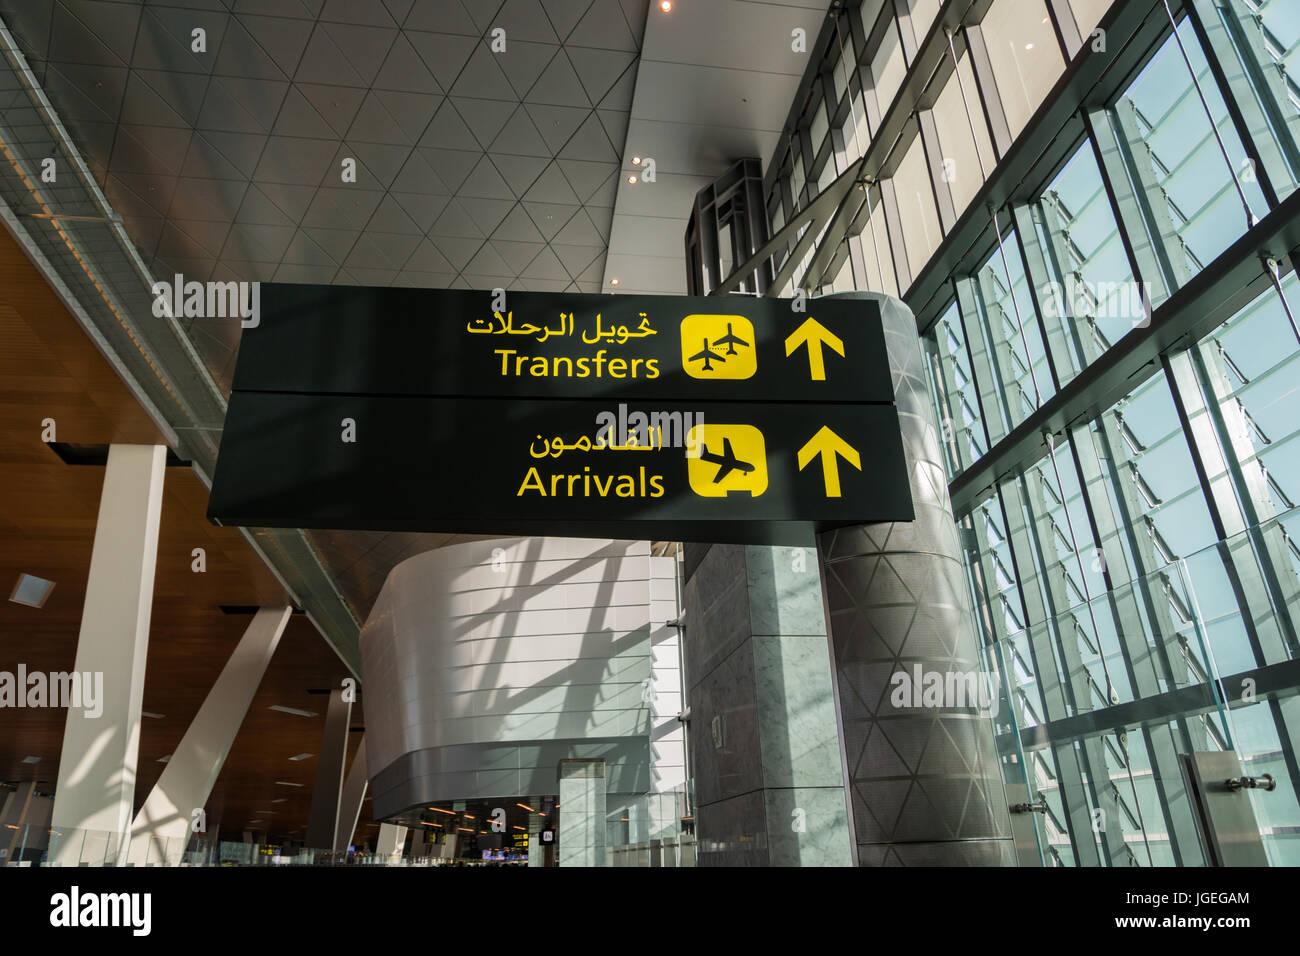 Doha, Qatar - Giugno 2017 : trasferimento aeroporto / segno di arrivo a Doha Hamad International Airport, in Qatar. Immagini Stock